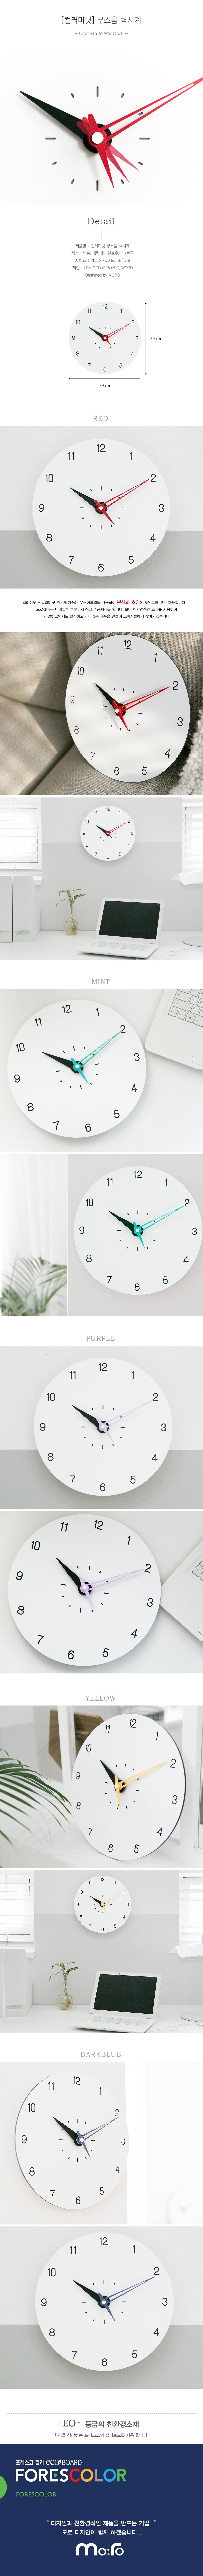 컬러미닛 무소음 벽시계 - 모로, 32,500원, 벽시계, 디자인벽시계